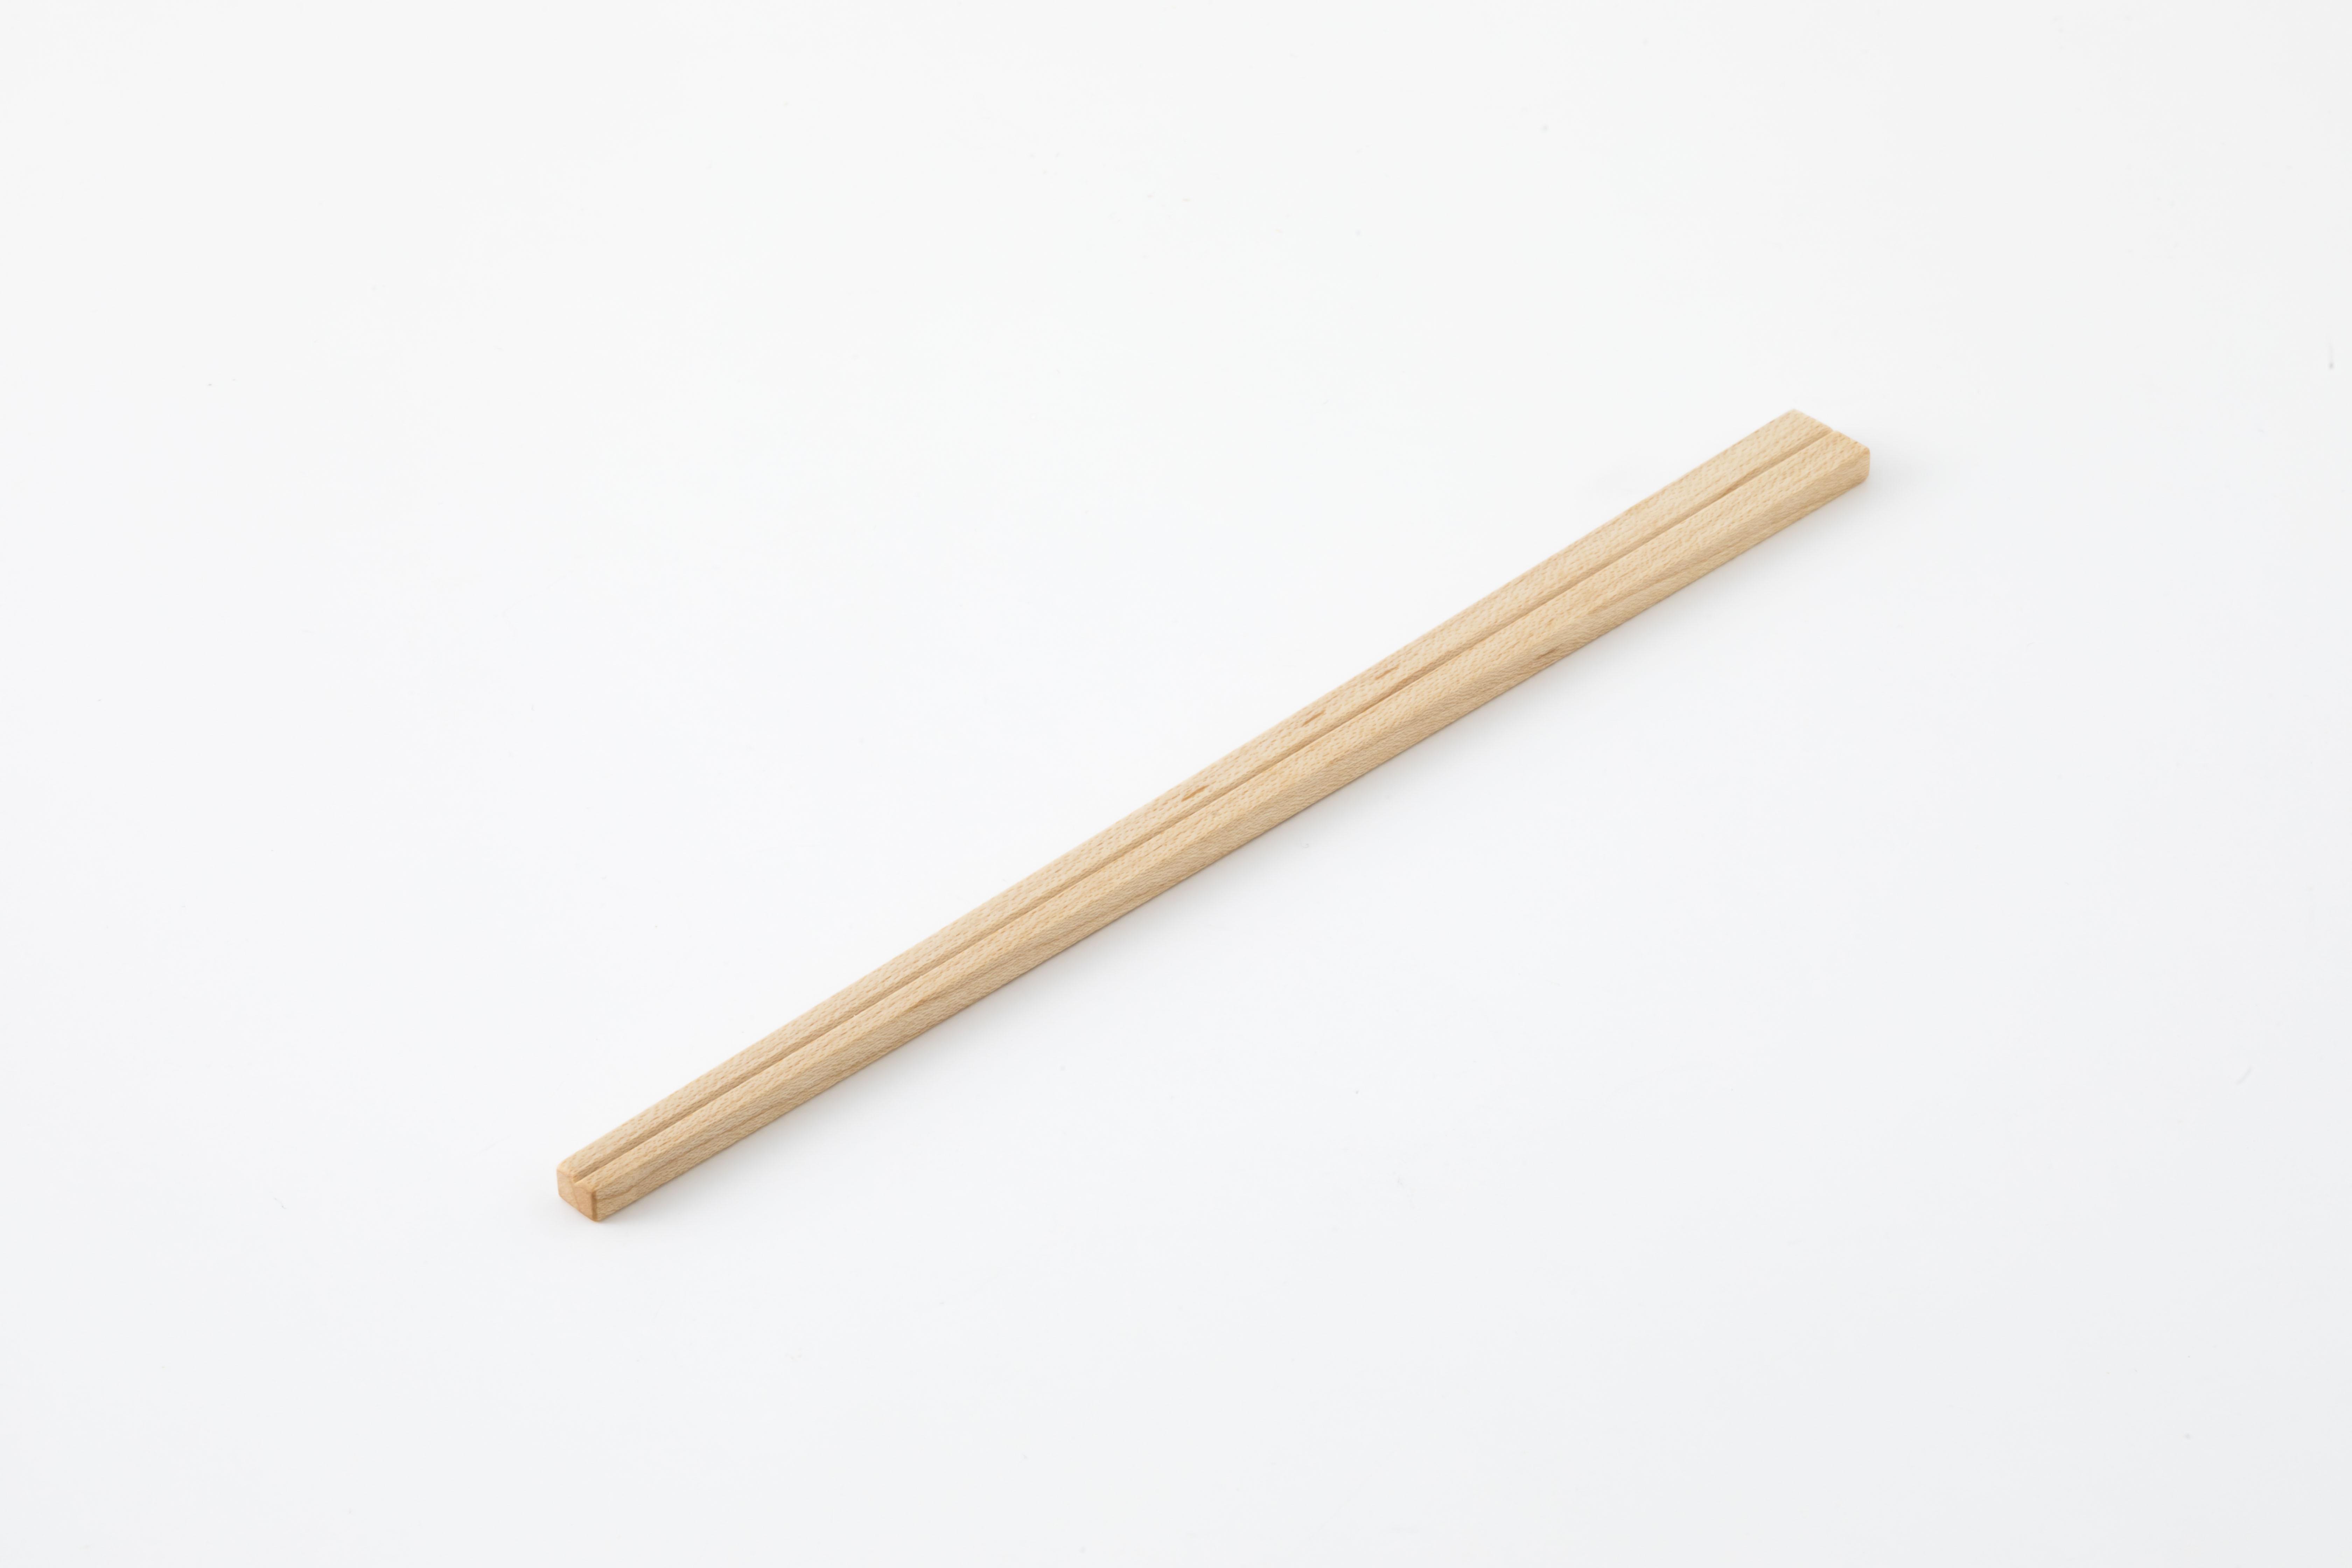 割り箸 / 西本良太